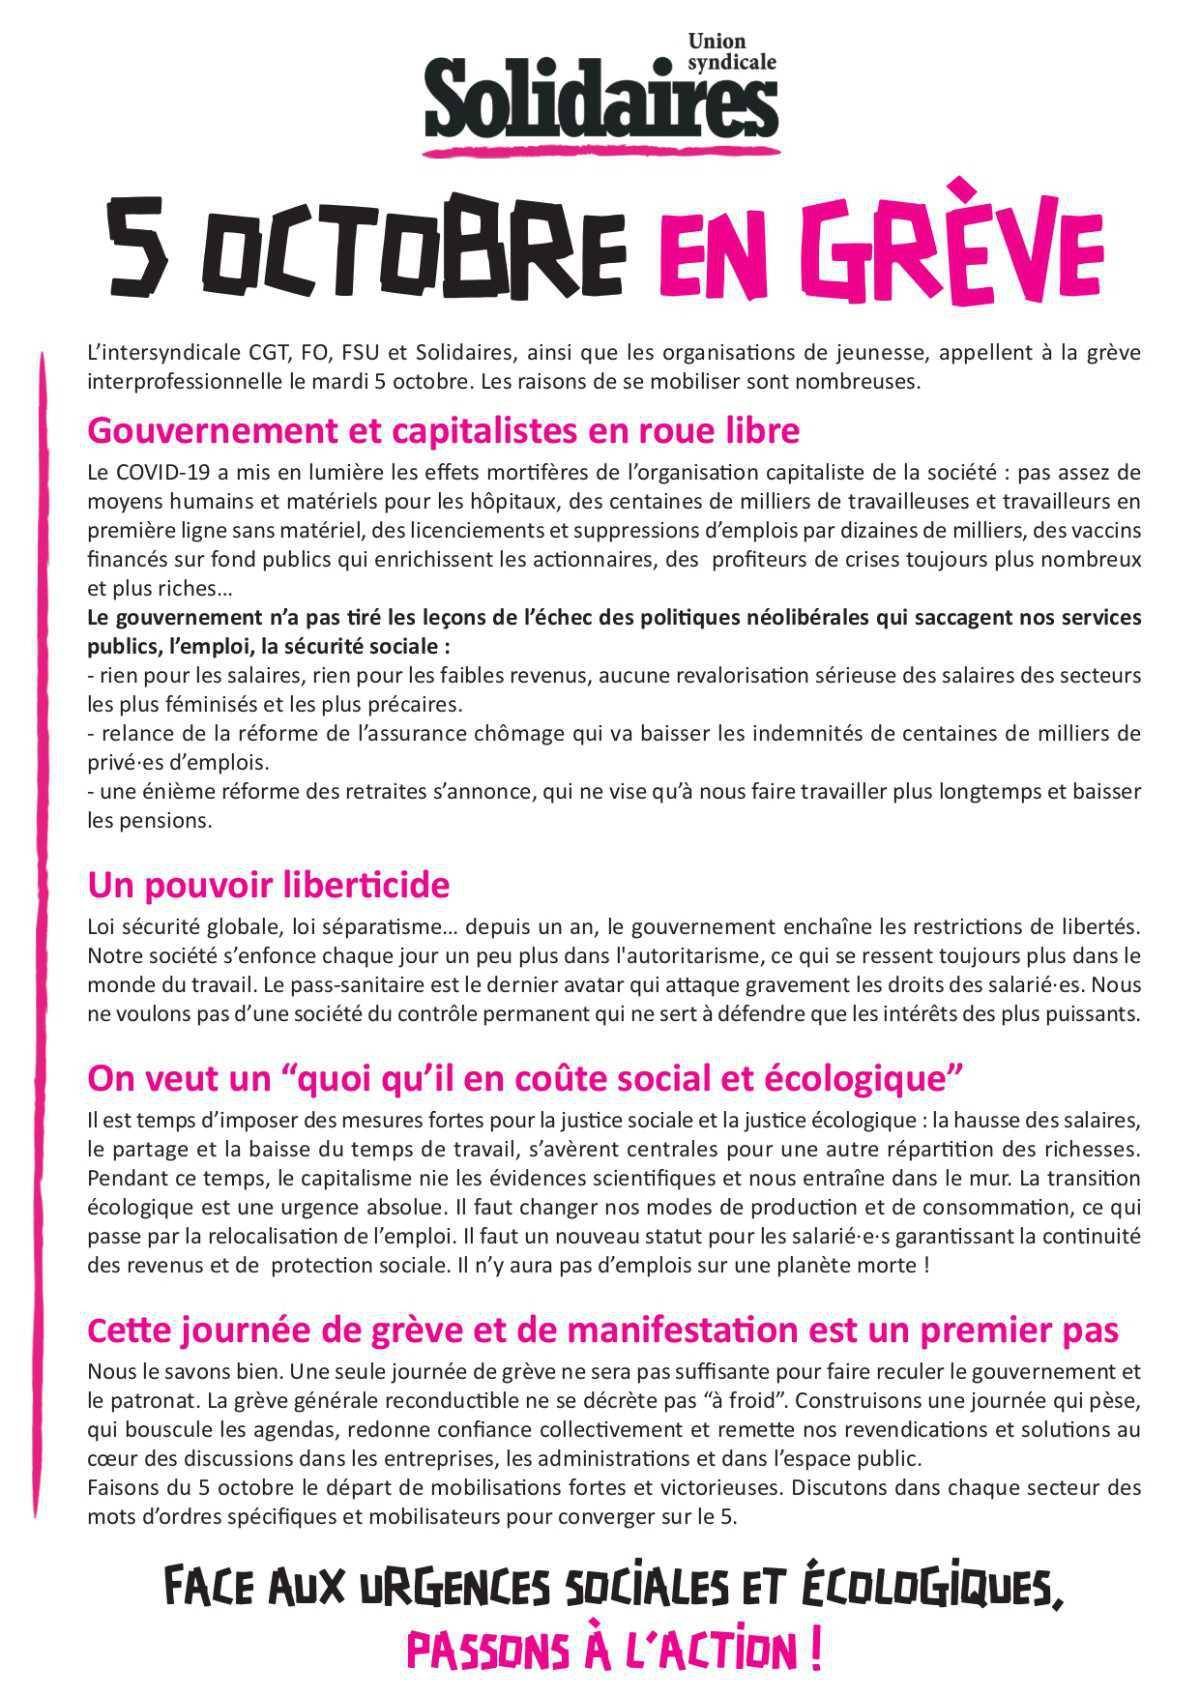 Le 5 Octobre, en grève !!